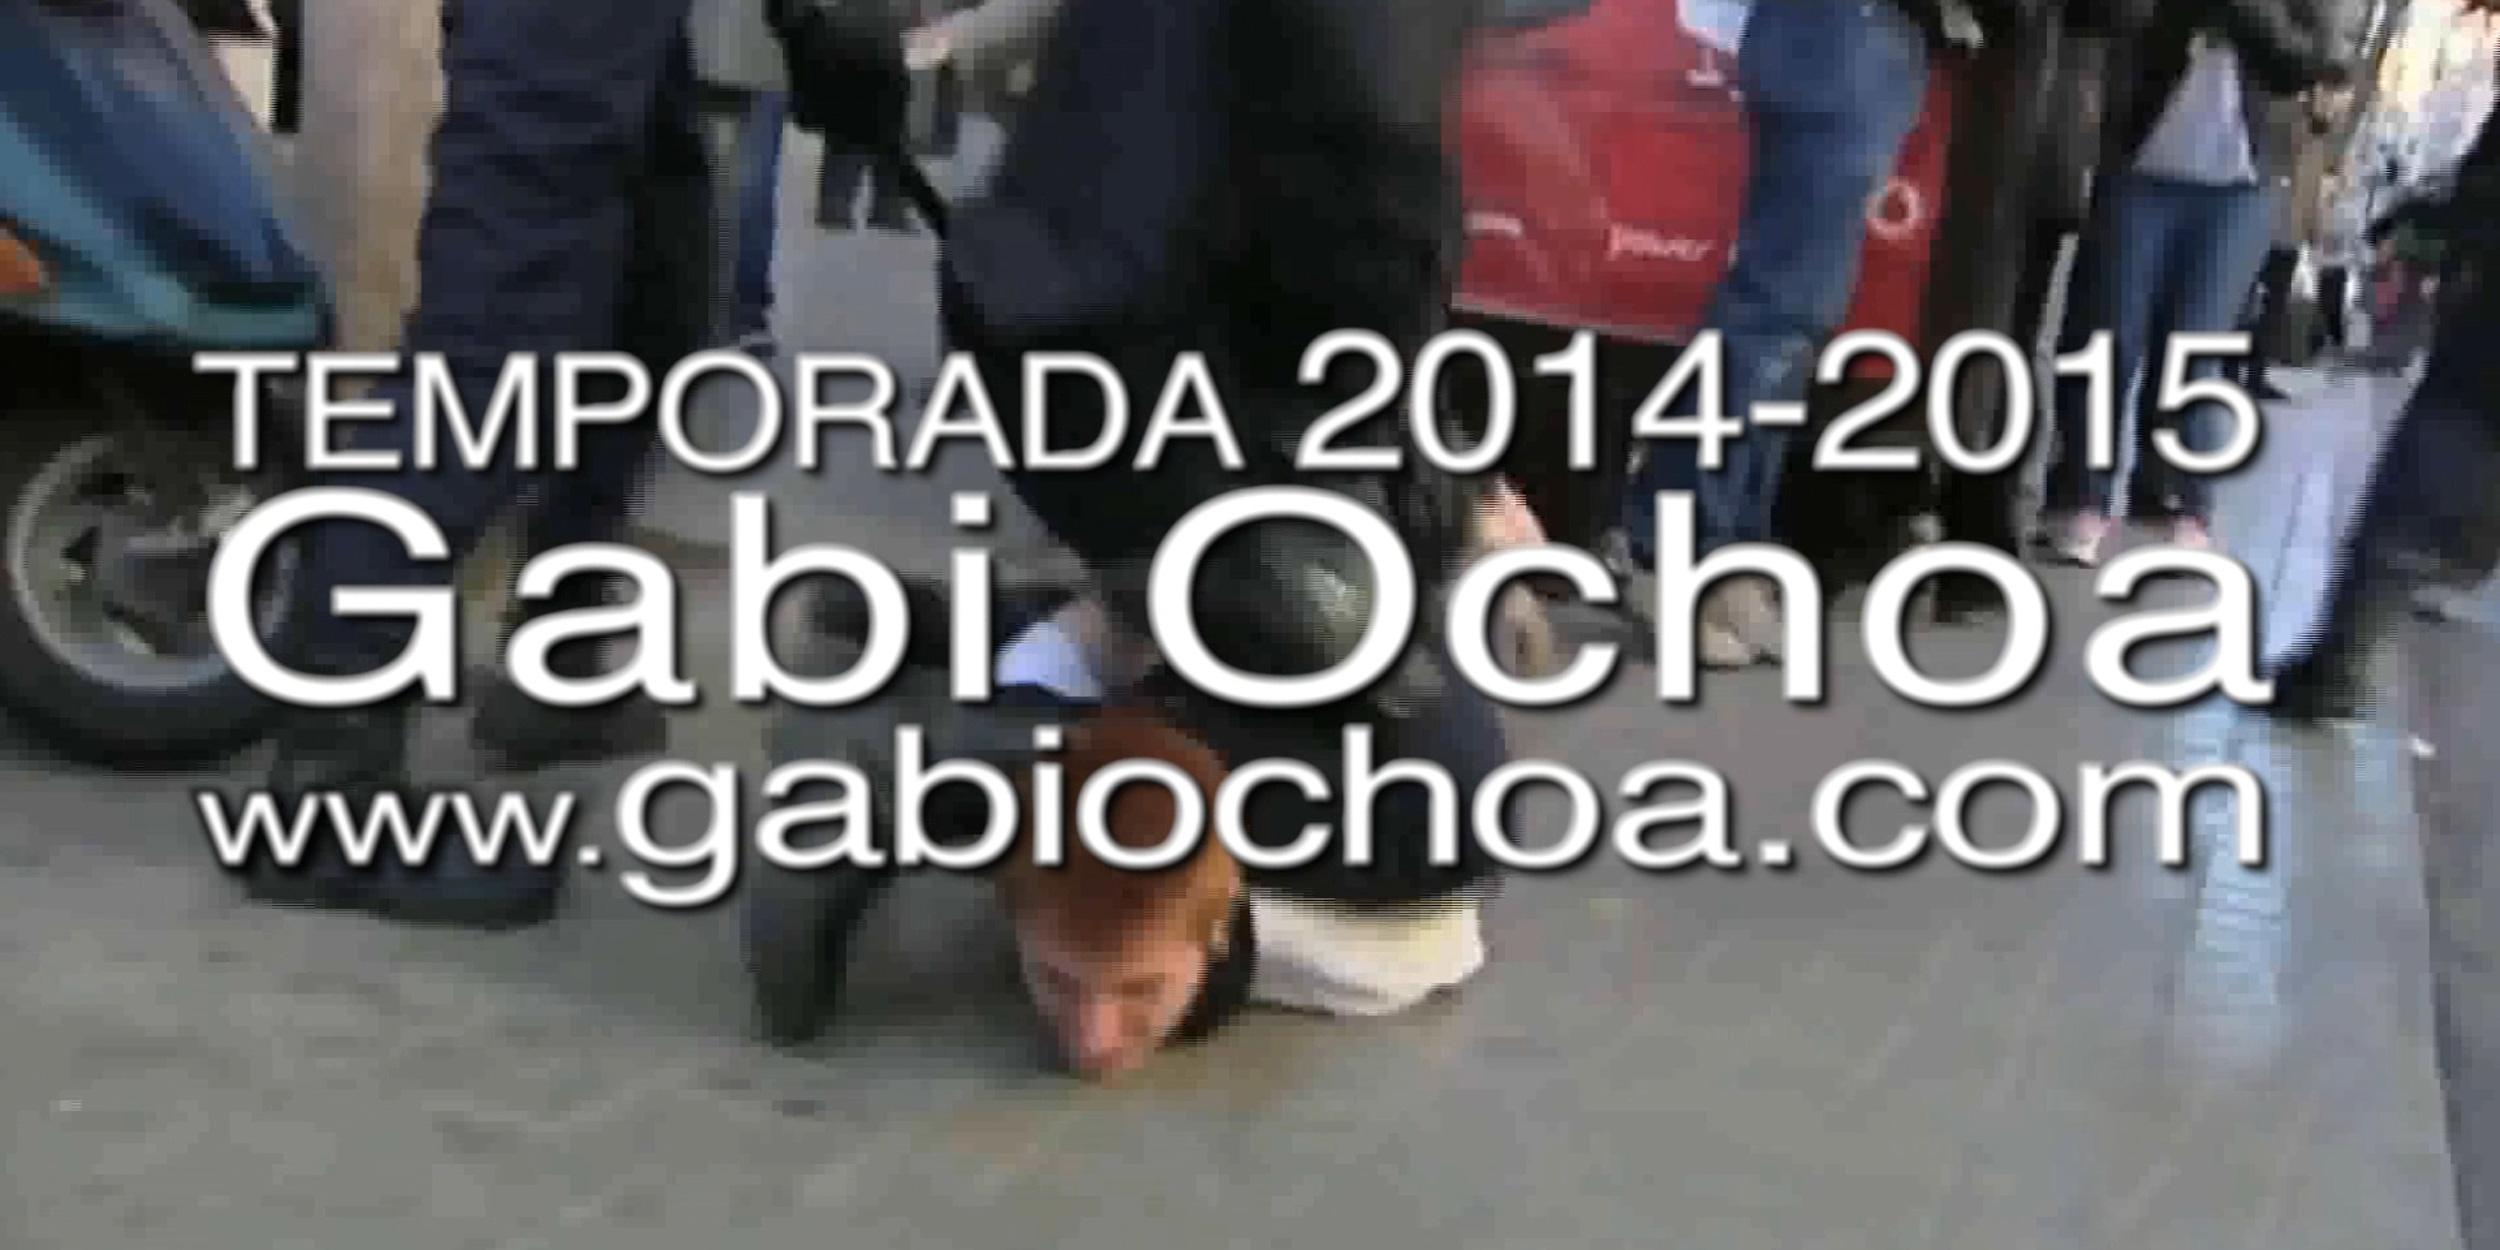 Gabi Ochoa temporada 2014-2015